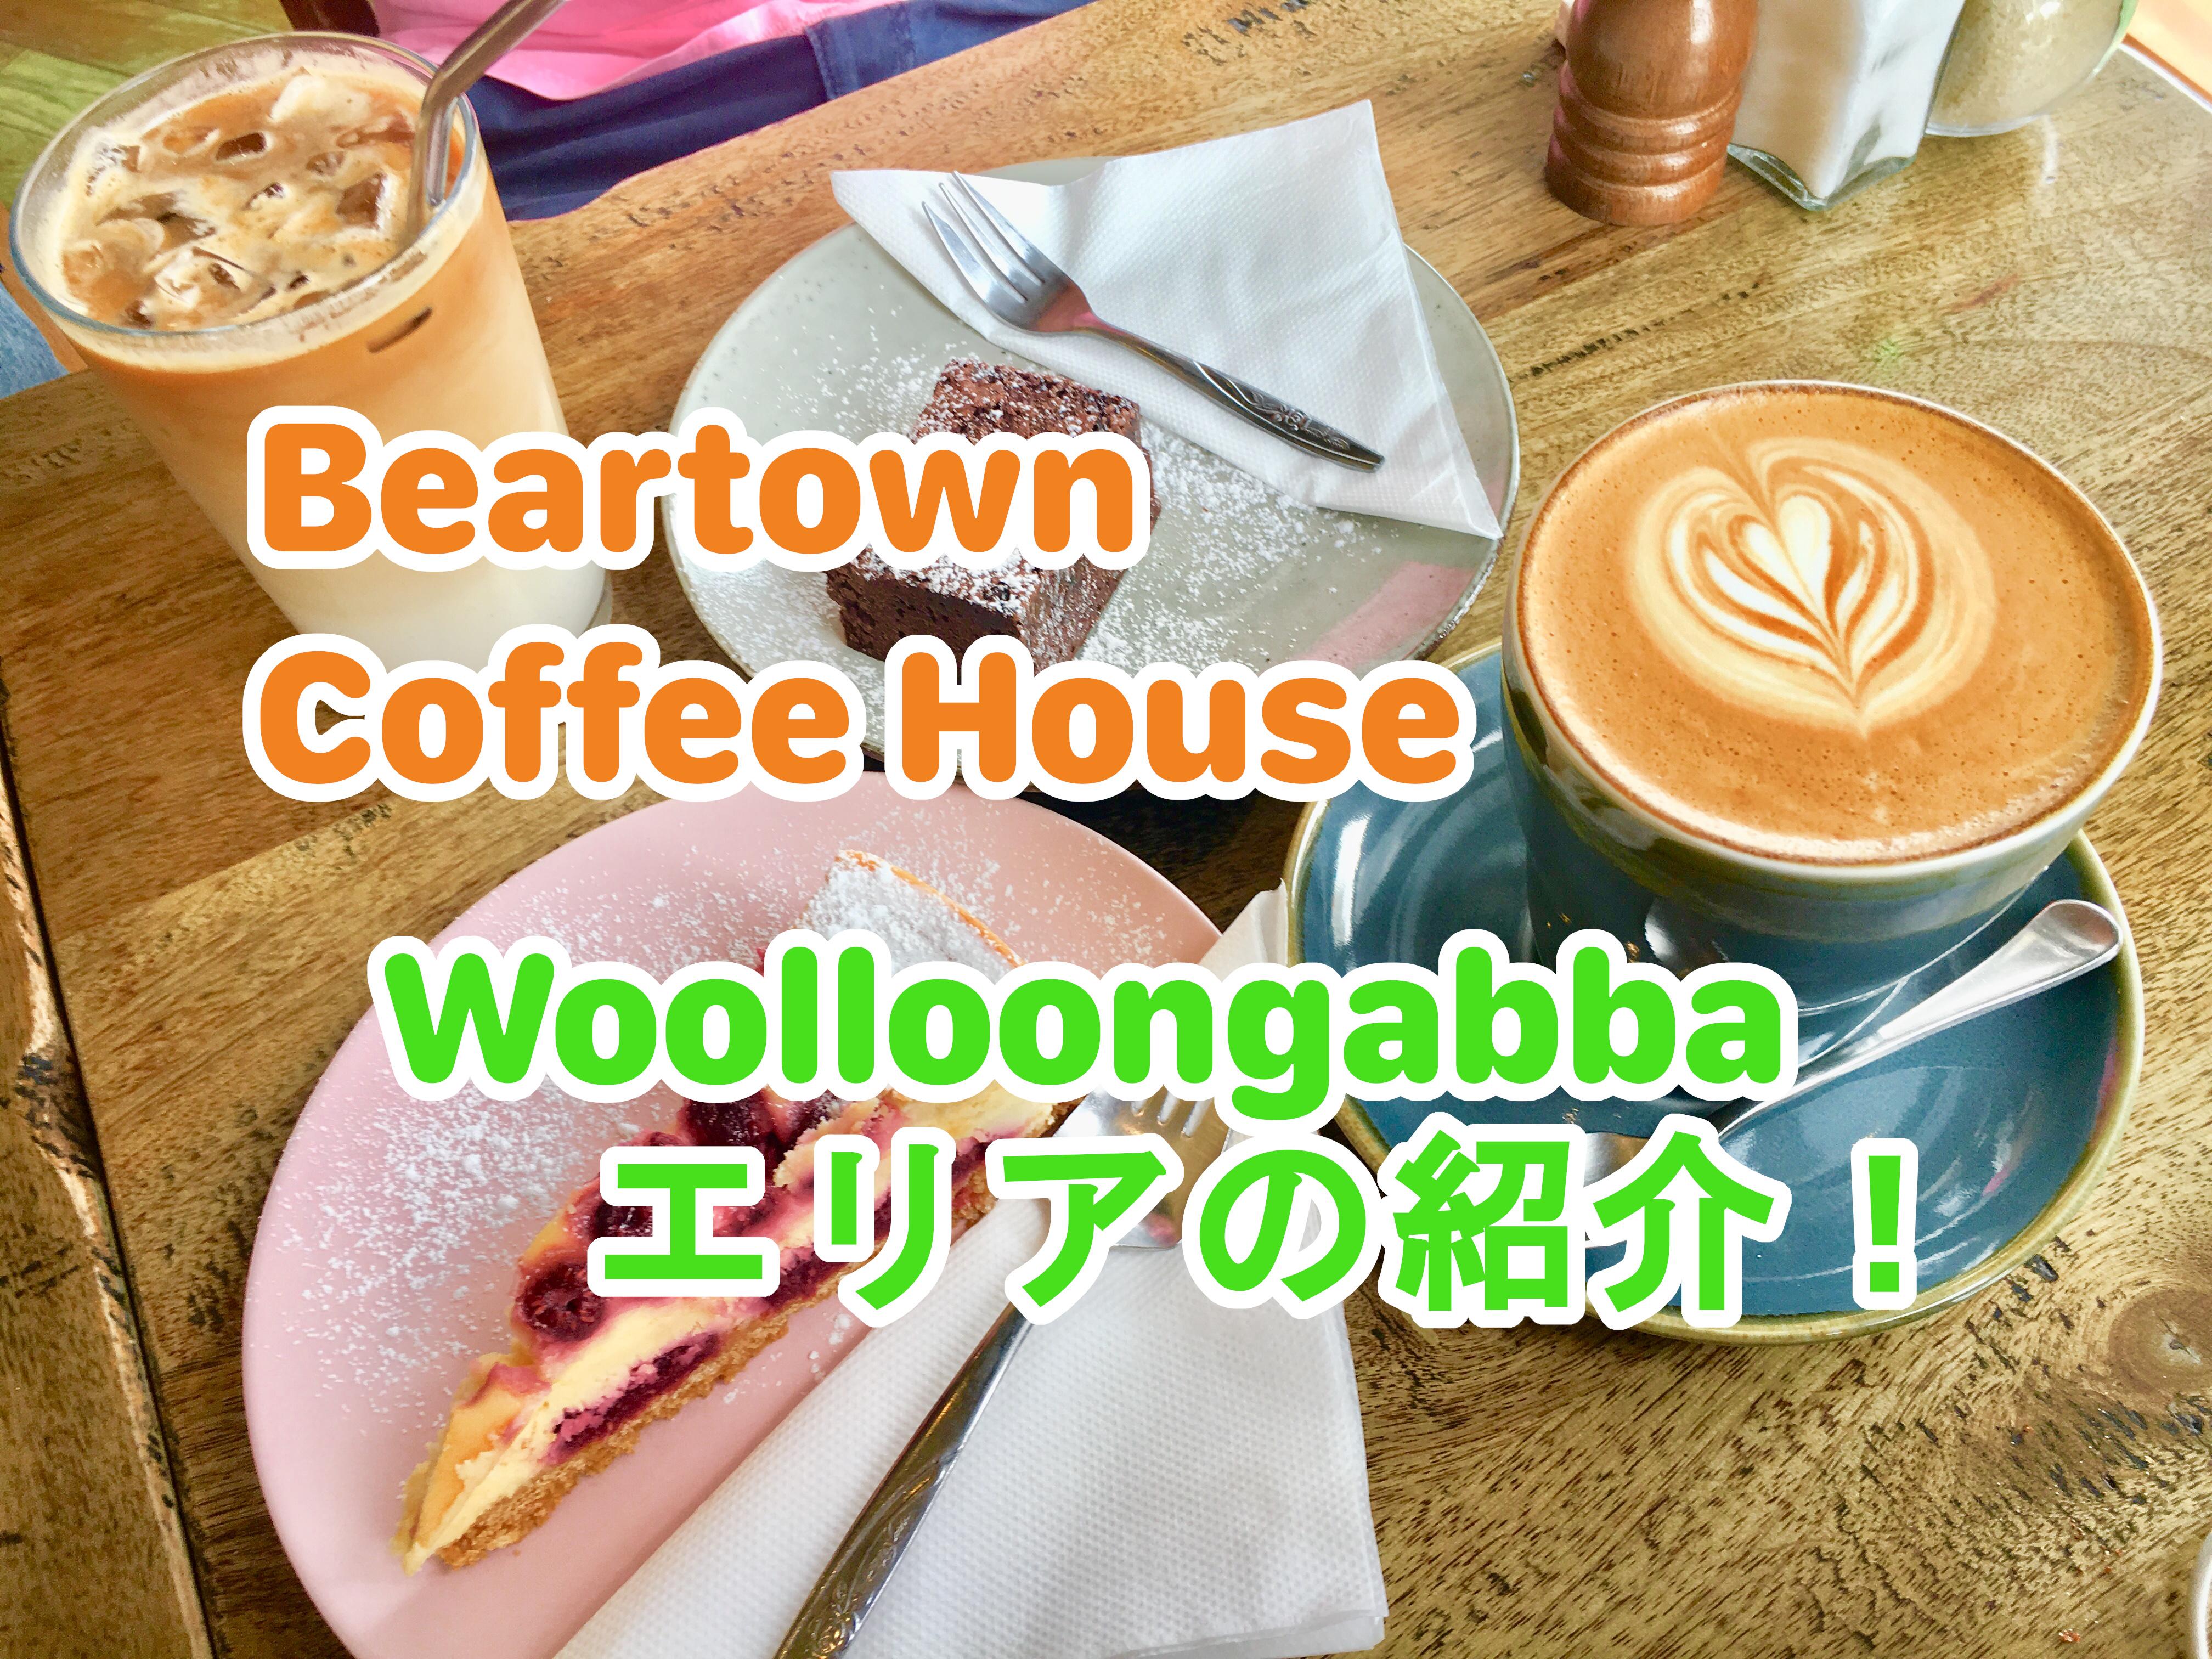 Beartown coffee house レビュー